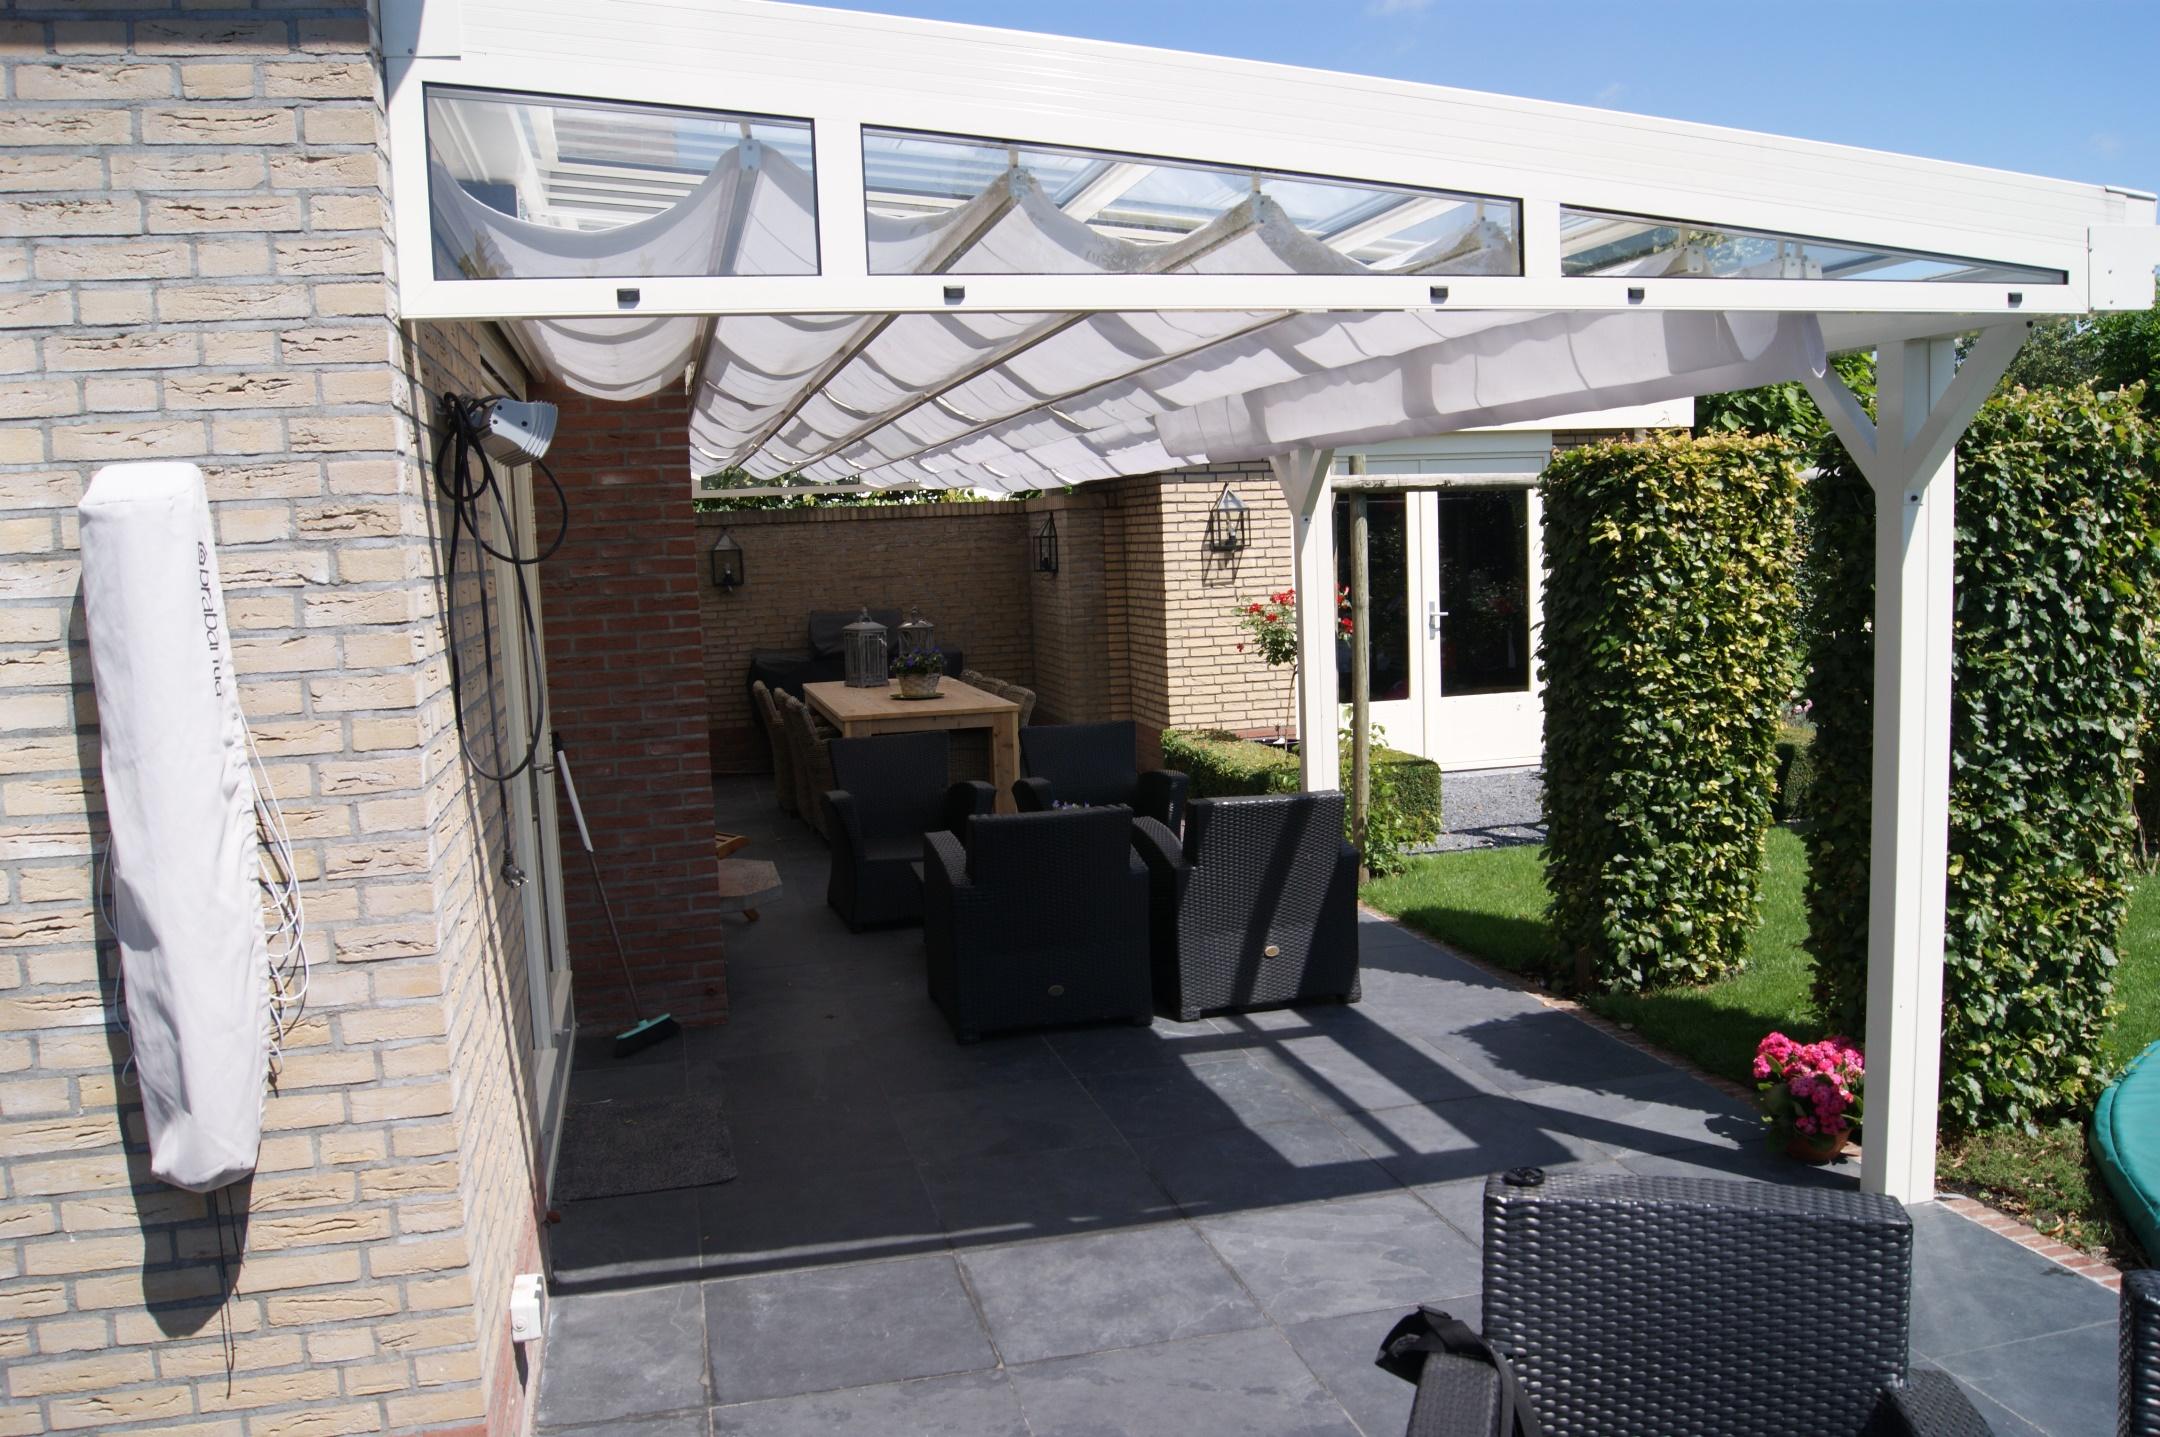 Ittalum overkapping voorzien van een elektrisch schuifdak en een zonnescherm onder het dak